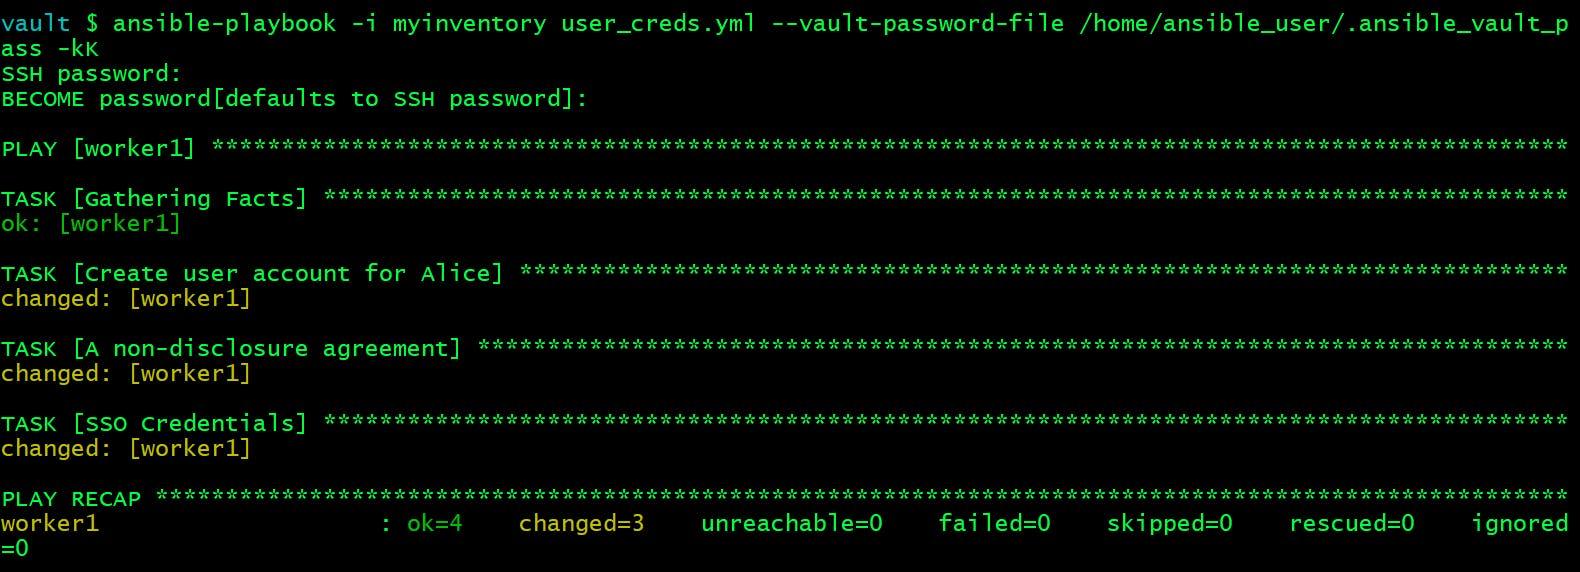 VAULT-vault-pass-file.png